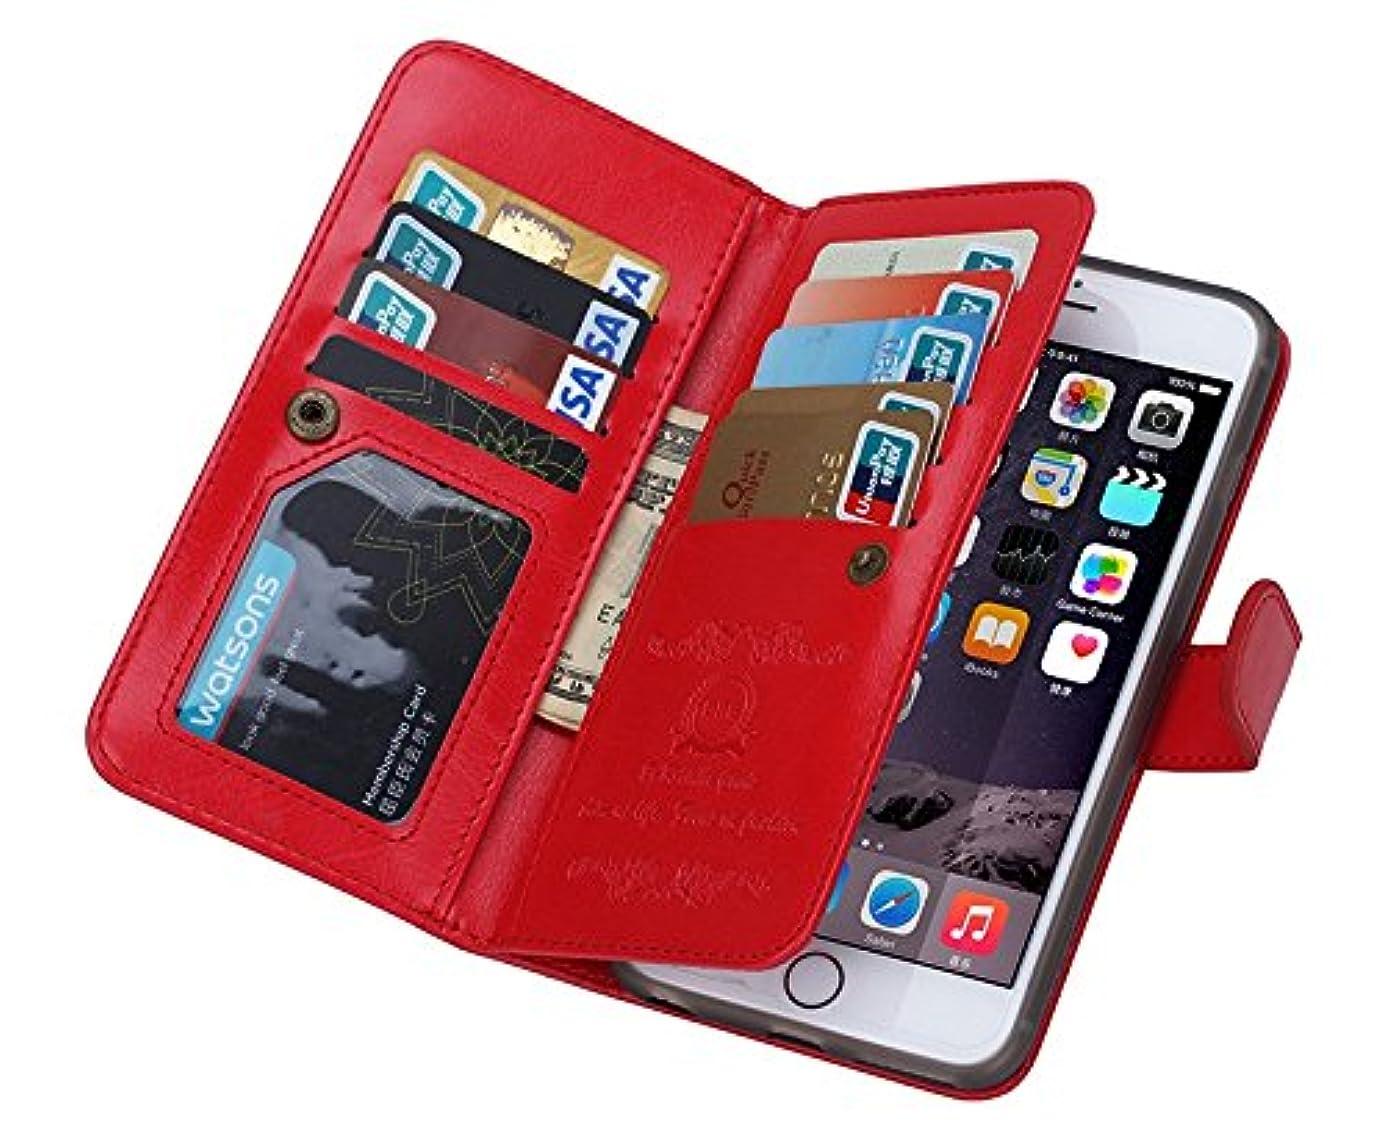 ひばり声を出して辞書iphone6 ケース/iPhone6s ケース【BRGブランド】財布一体型携帯ケース 各種類対応 合成革保護カバー 手帳型 3色 570-0018 (レッド) 570-0018-03